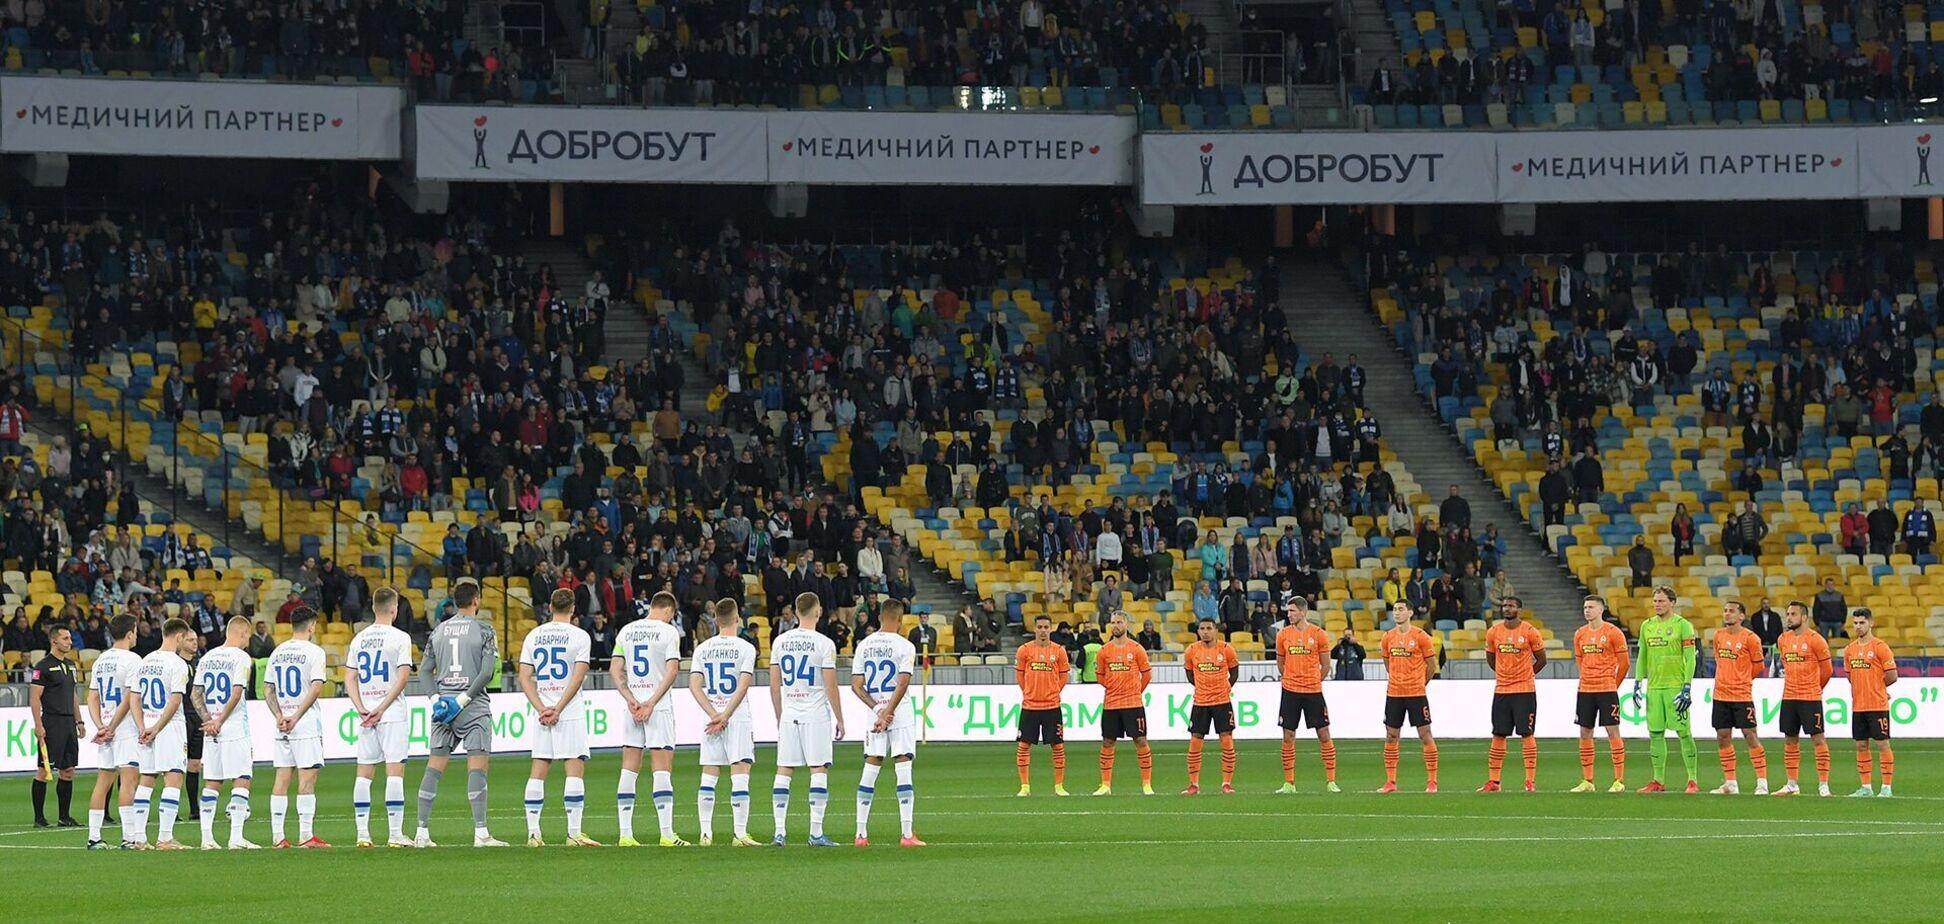 Украина не может забить в Лиге чемпионов: обзор спортивных СМИ